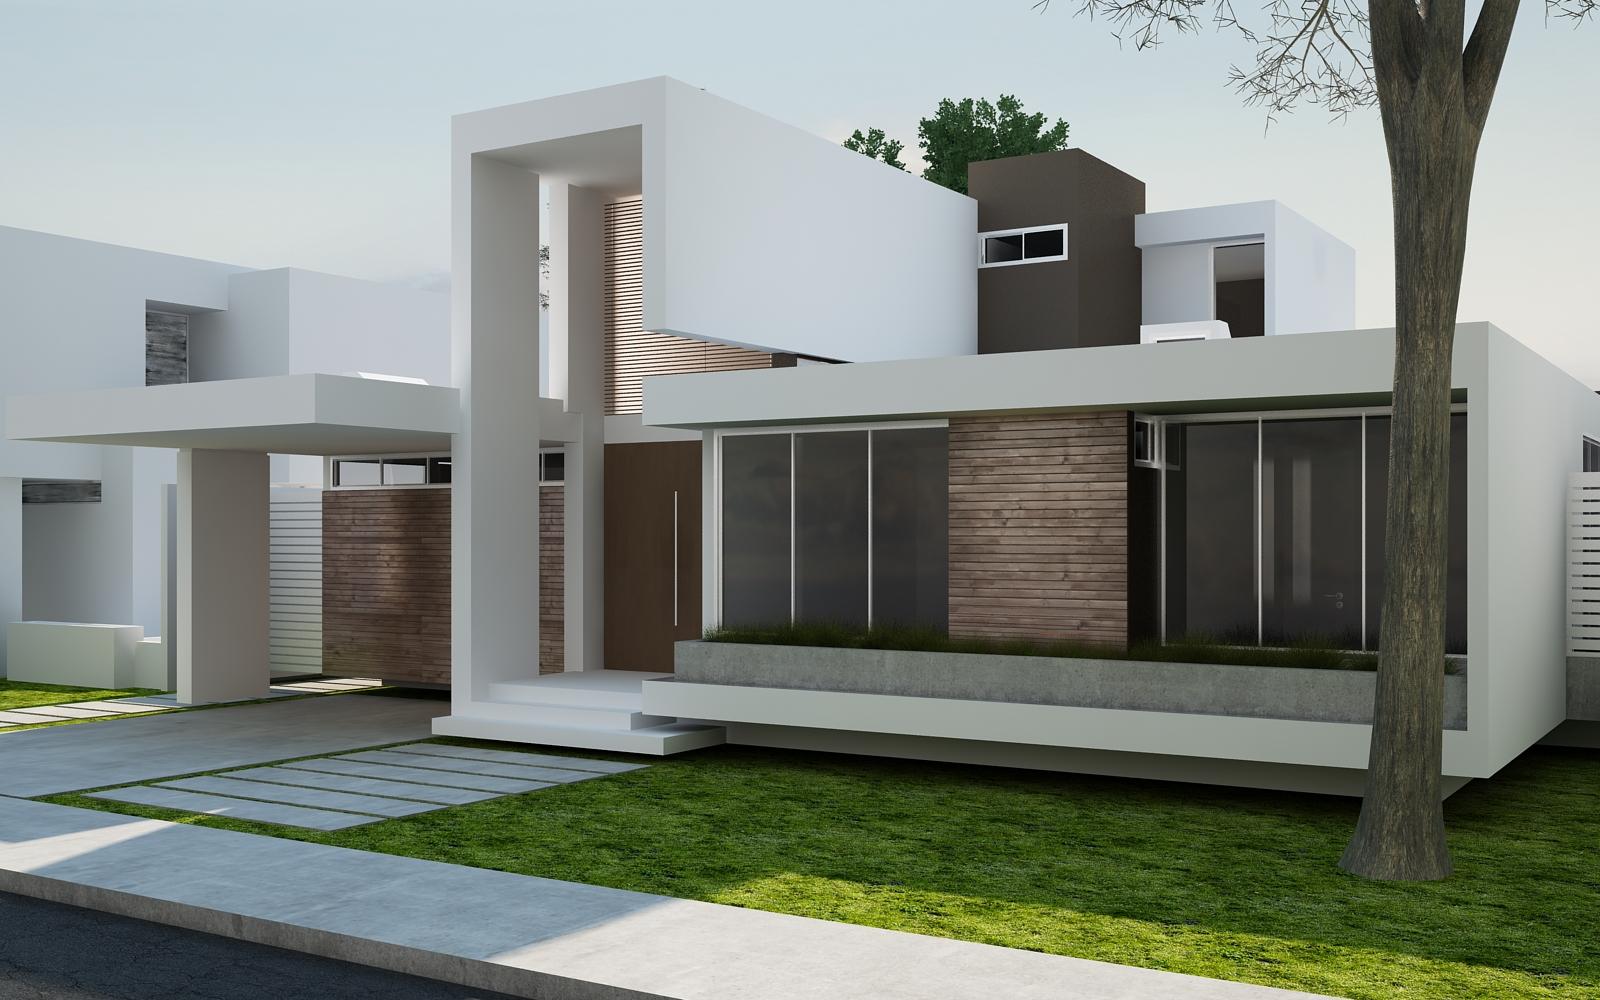 Pe aranda arquitectos dise o y construccion casa cely for Diseno y construccion de casas